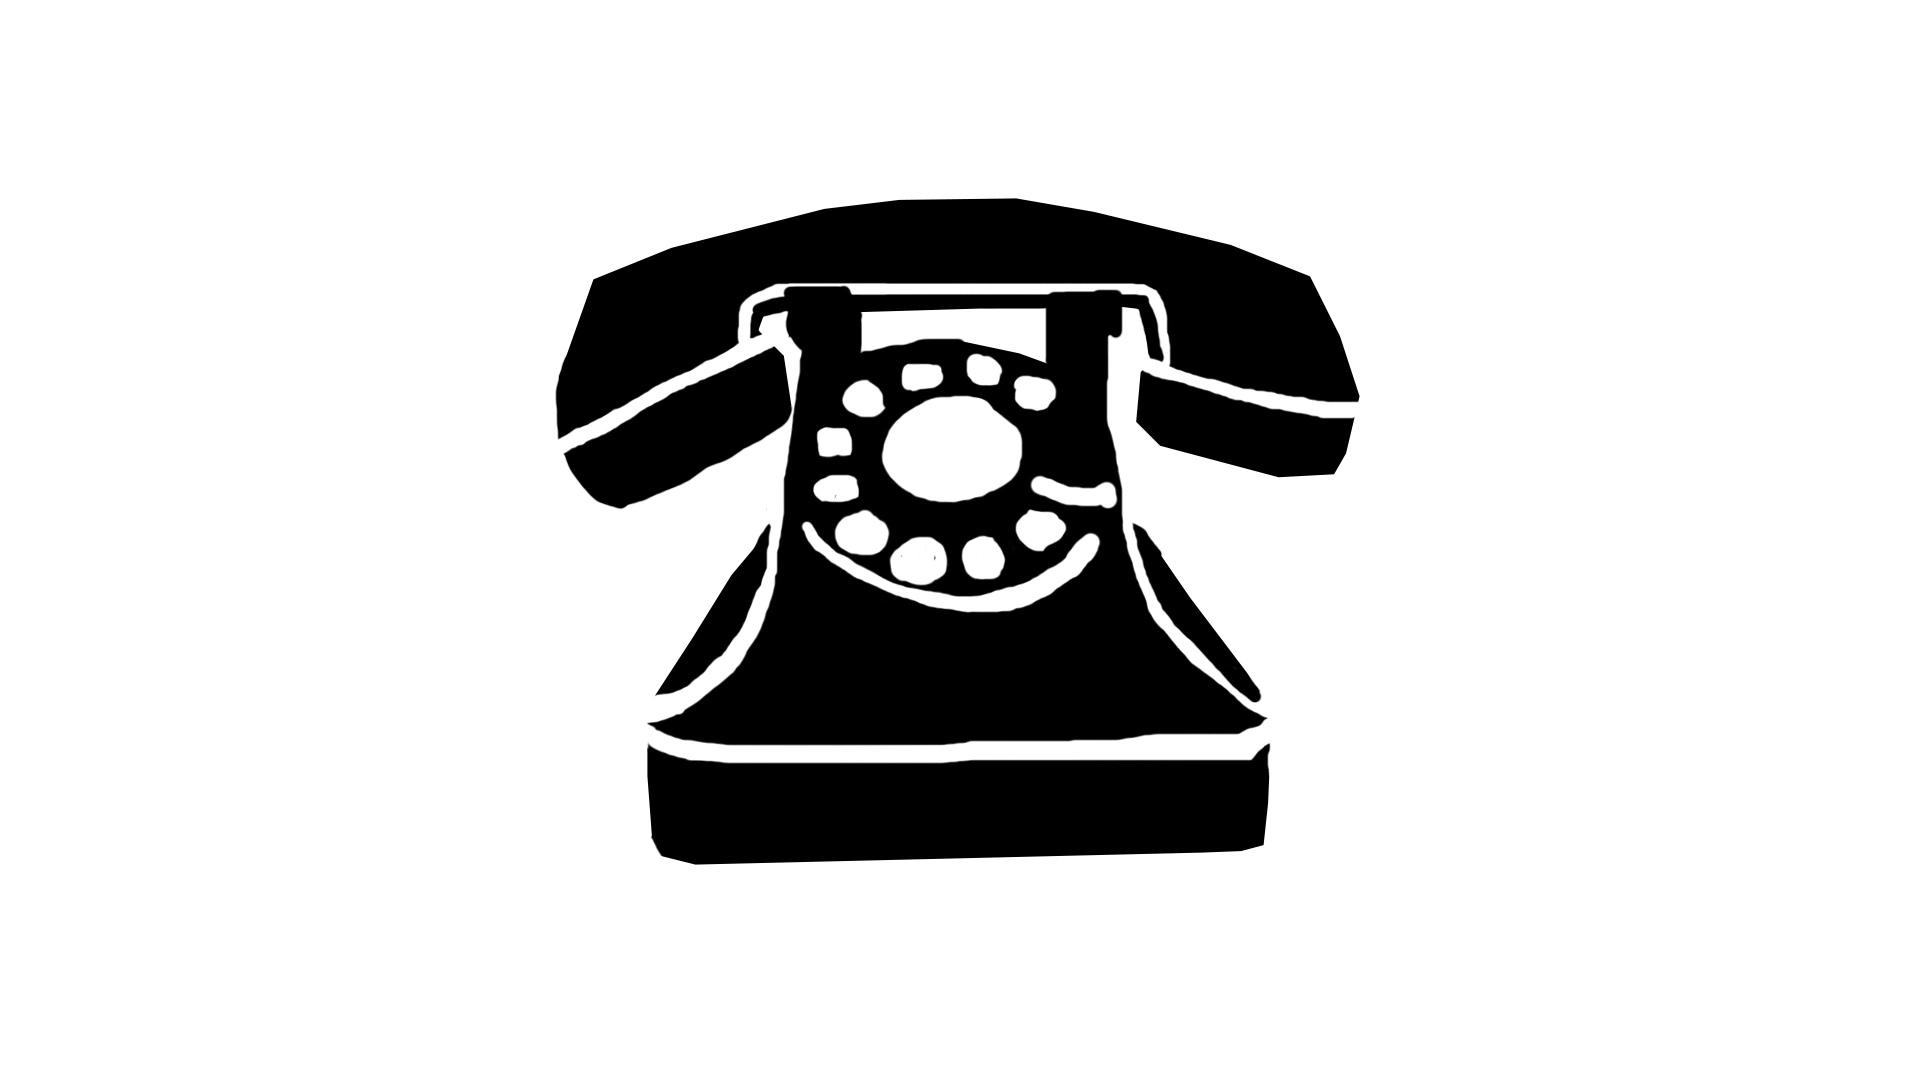 анимационная картинка звонящий телефон что самый хороший